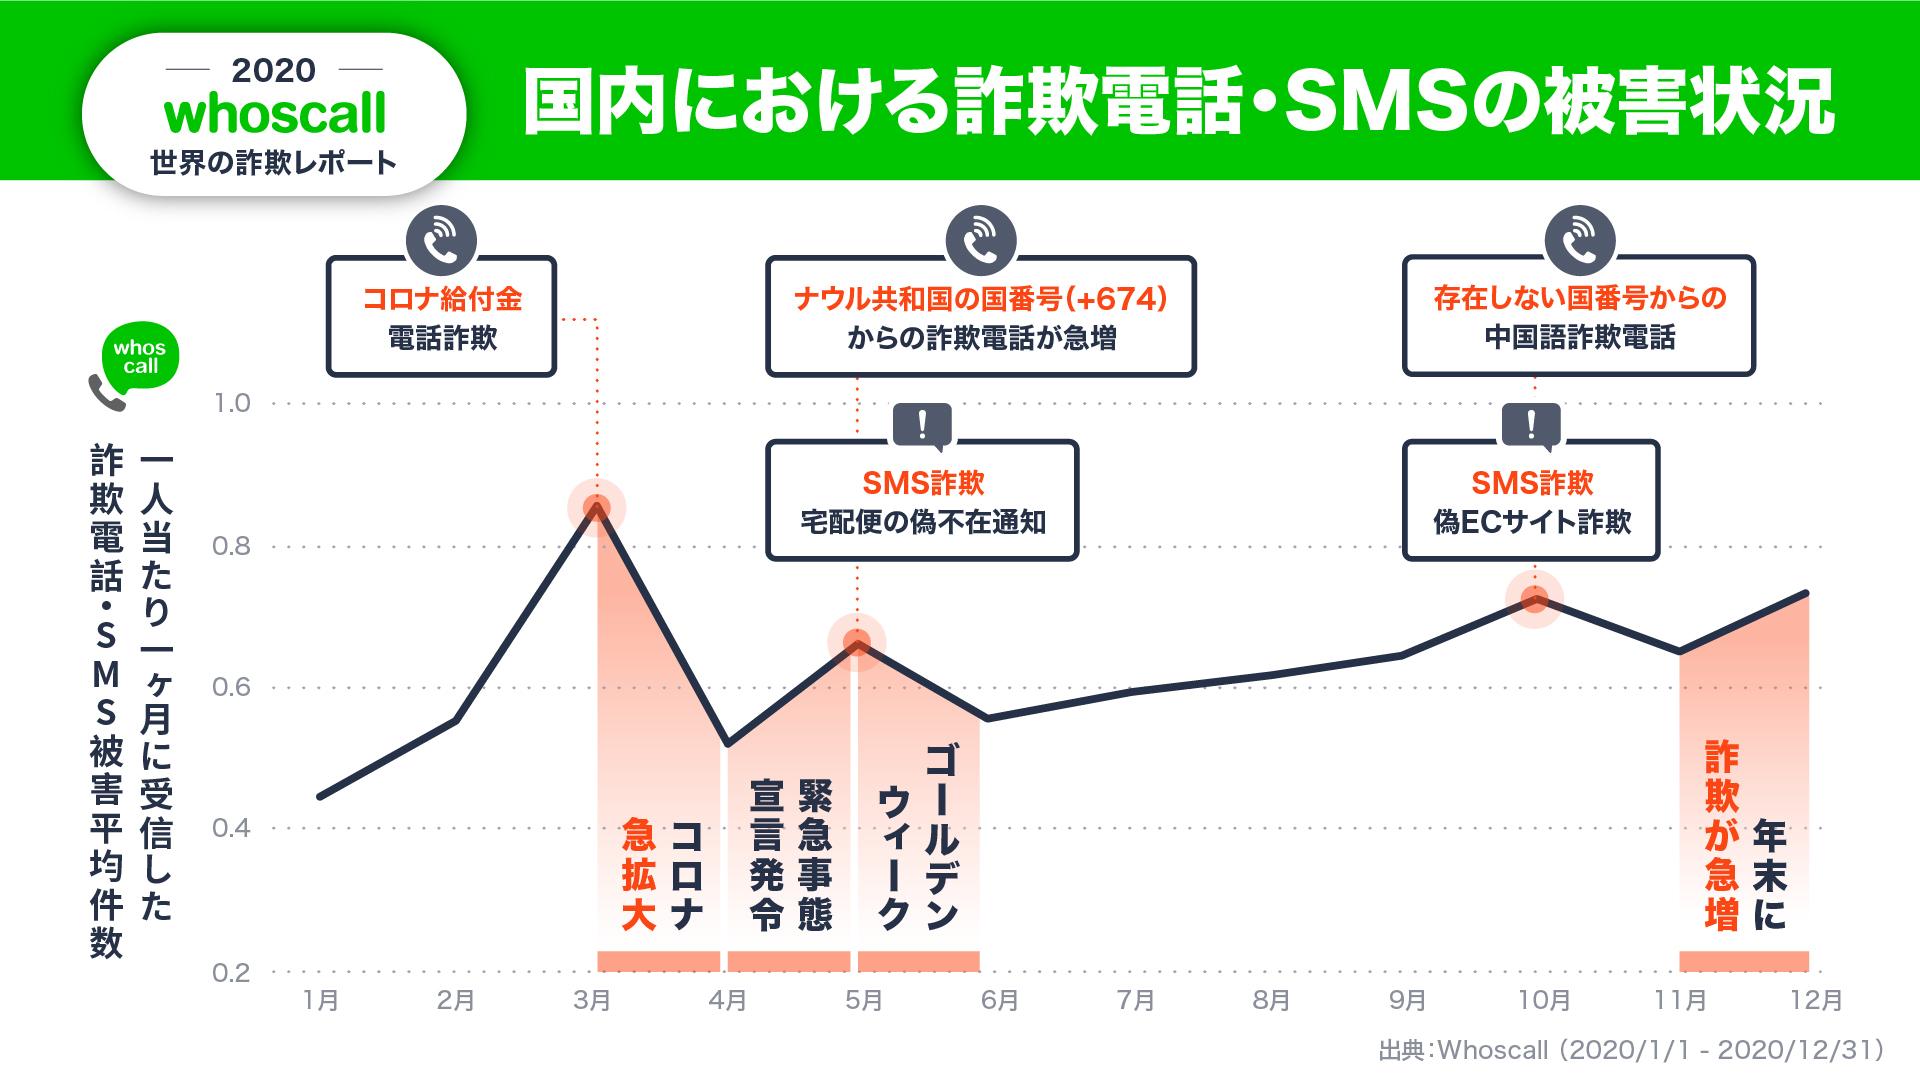 日本における詐欺電話.SMSの被害状況